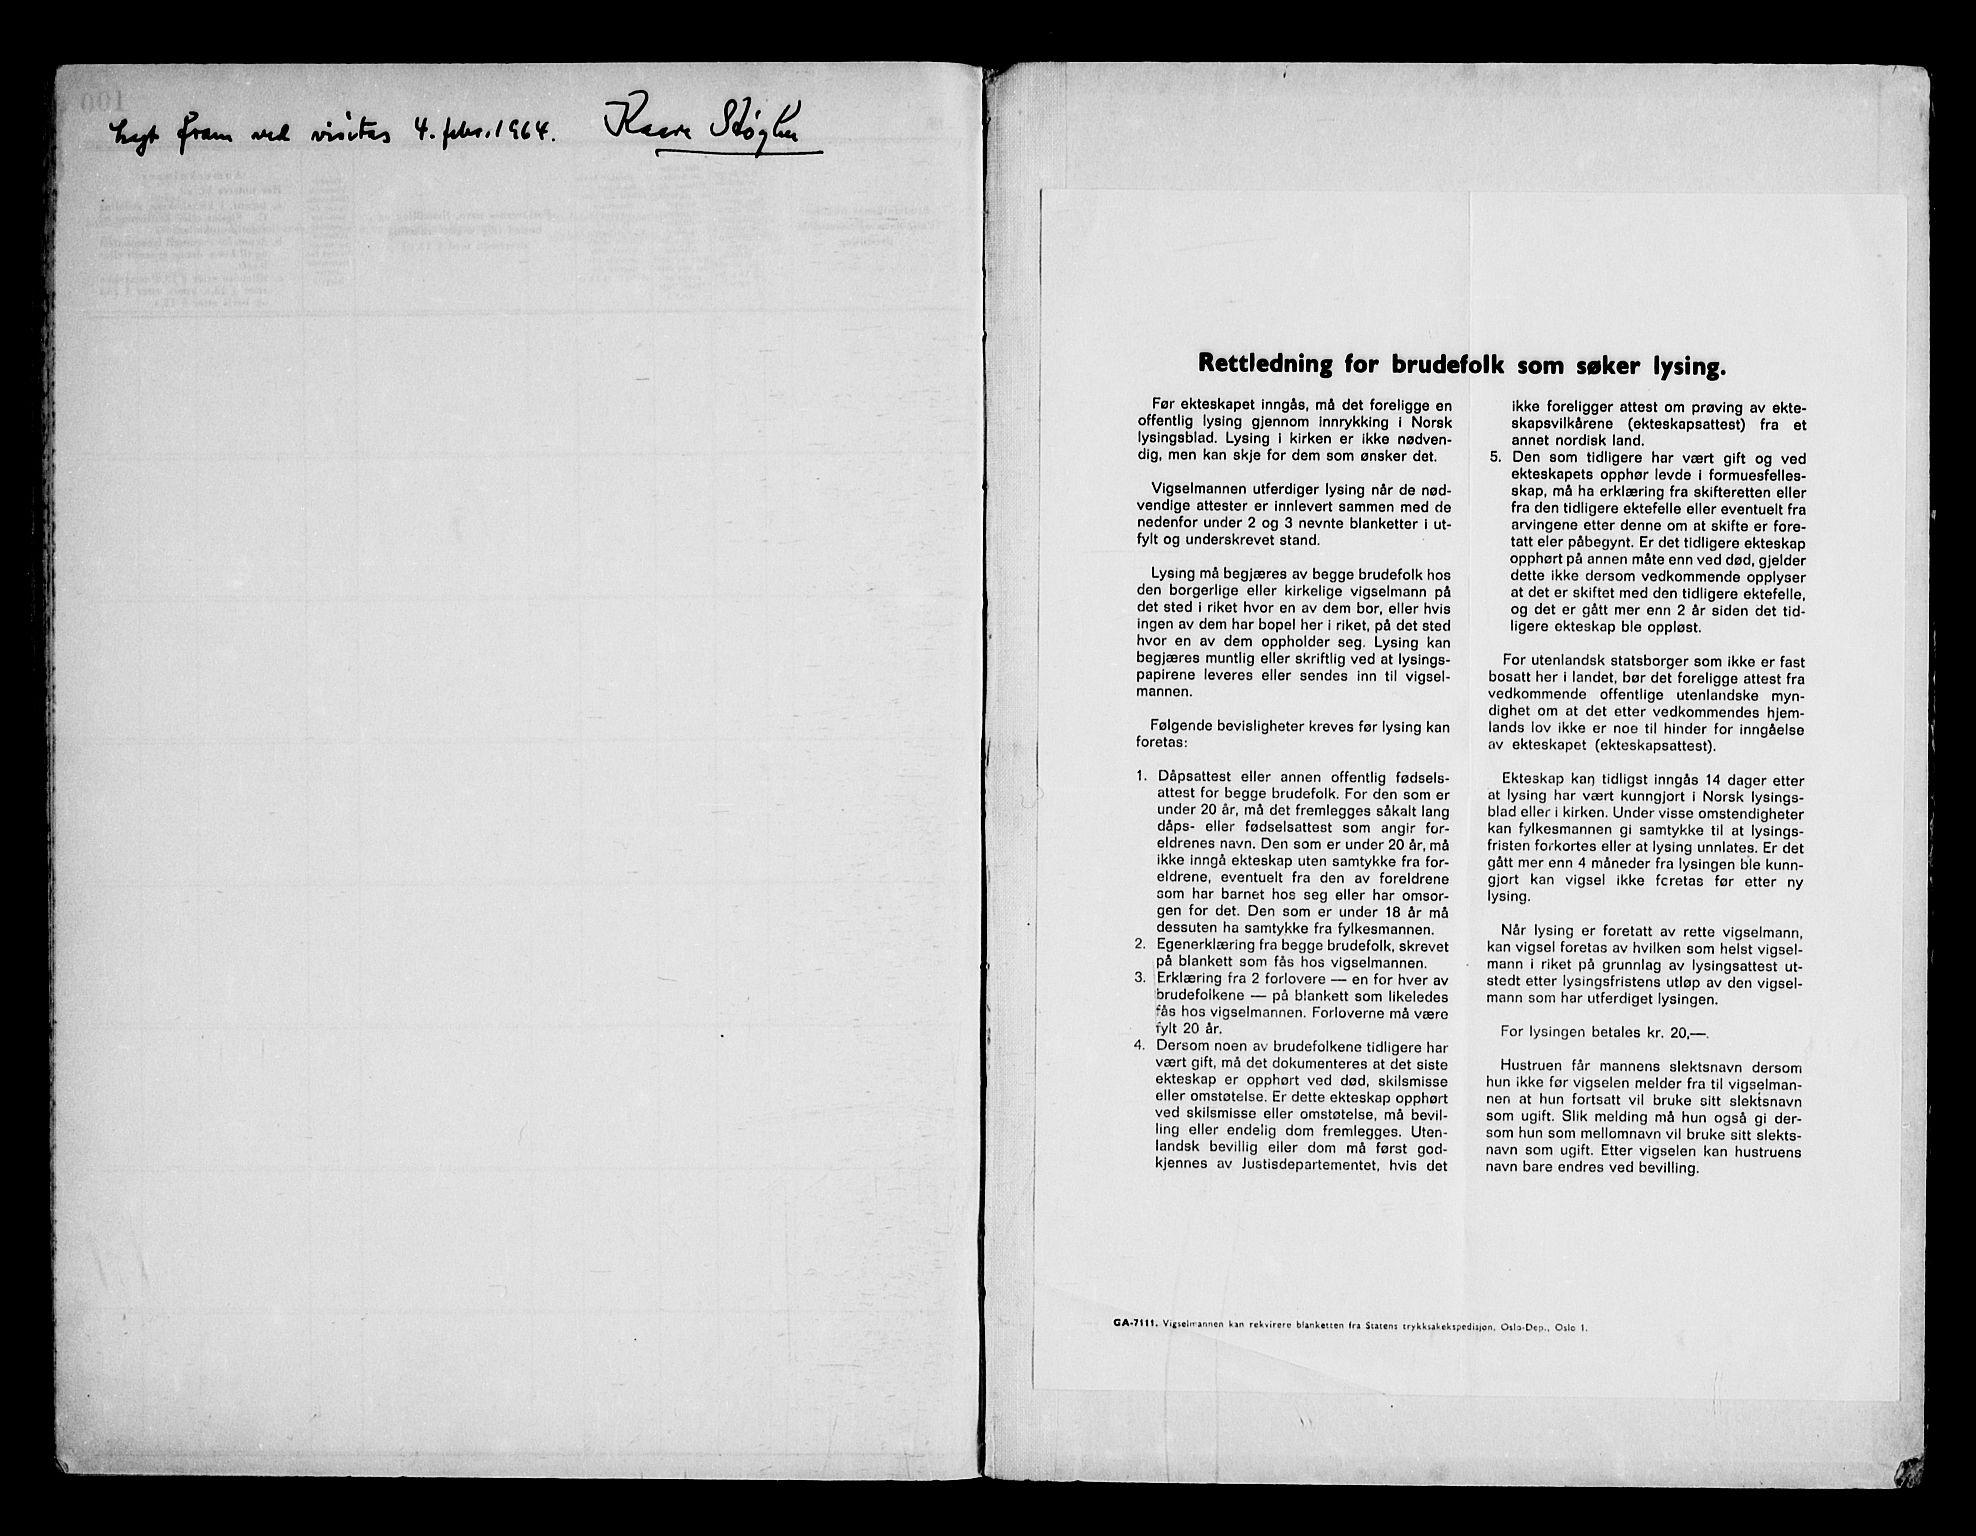 SAKO, Notodden kirkebøker, H/Ha/L0003: Lysningsprotokoll nr. 3, 1959-1969